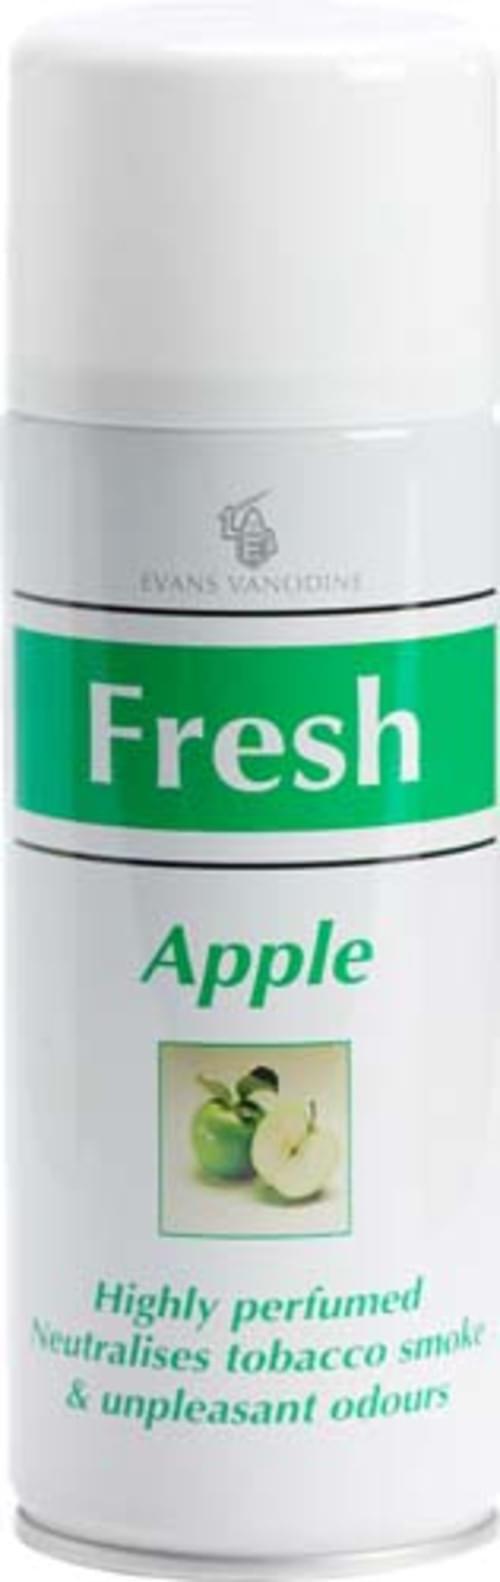 Evans Vanodine Air and Fabric Freshener Apple 12 x 400 ml